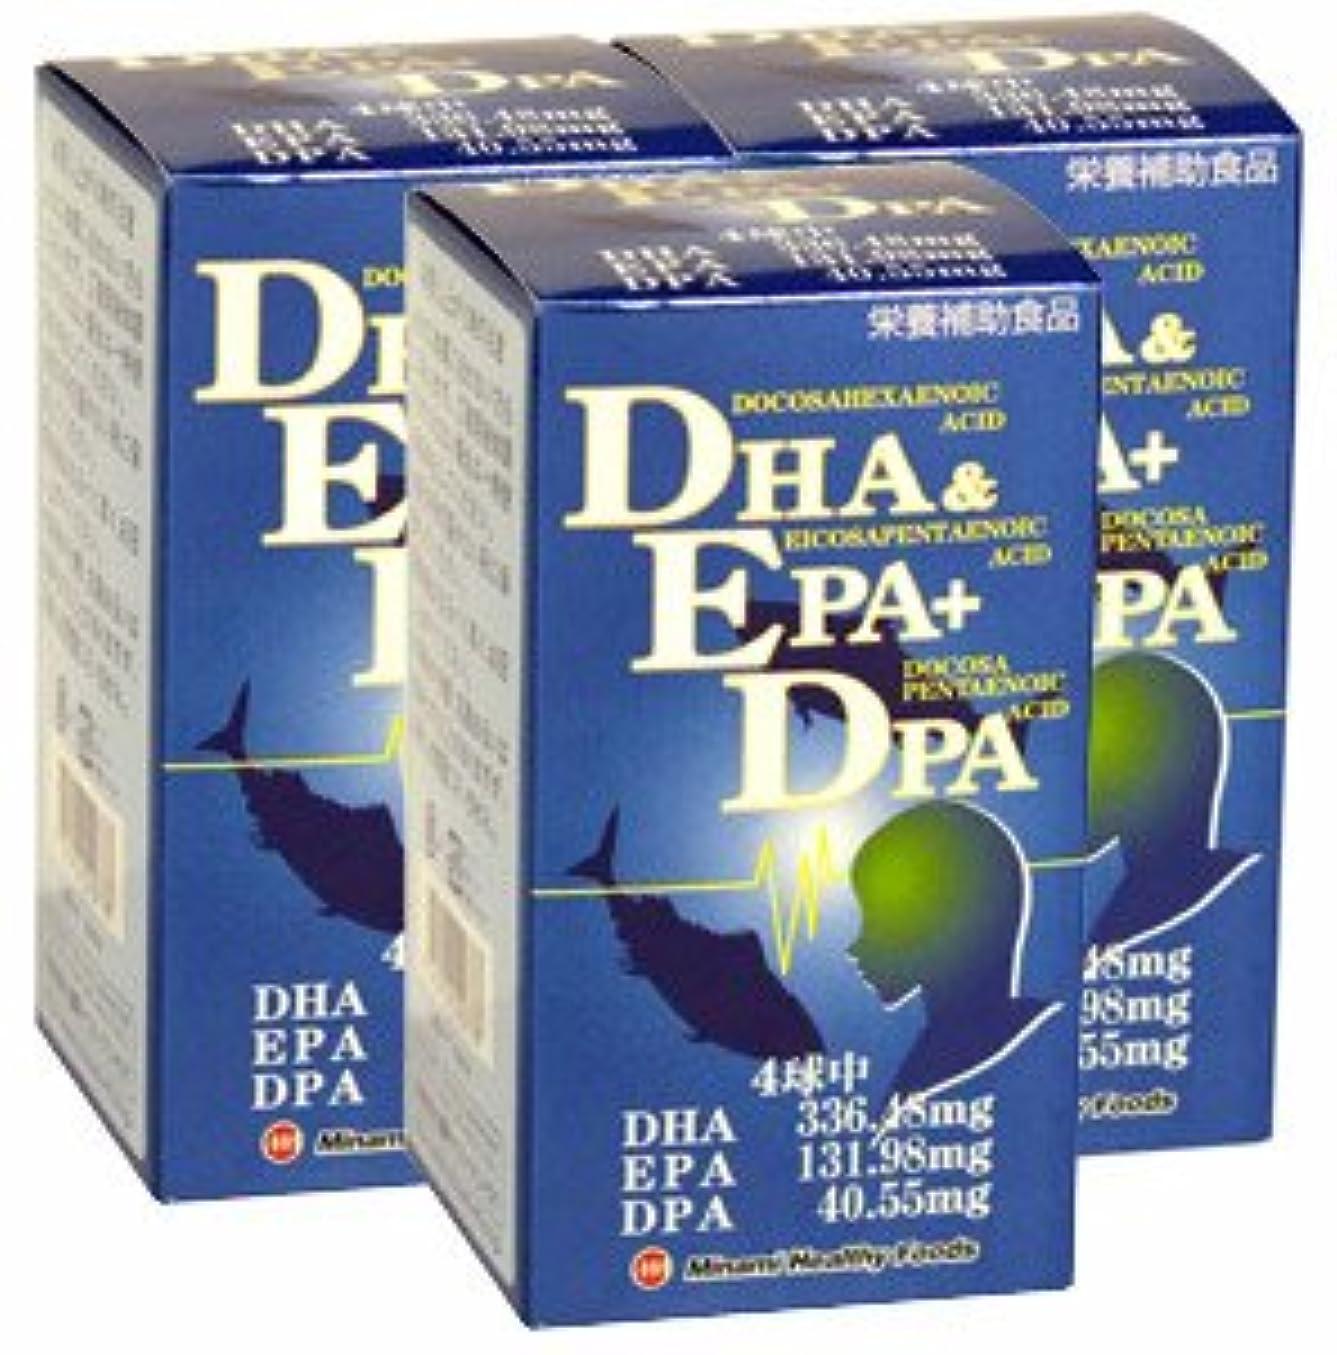 つま先振りかける安全性DHA&EPA+DPA【3本セット】ミナミヘルシーフーズ